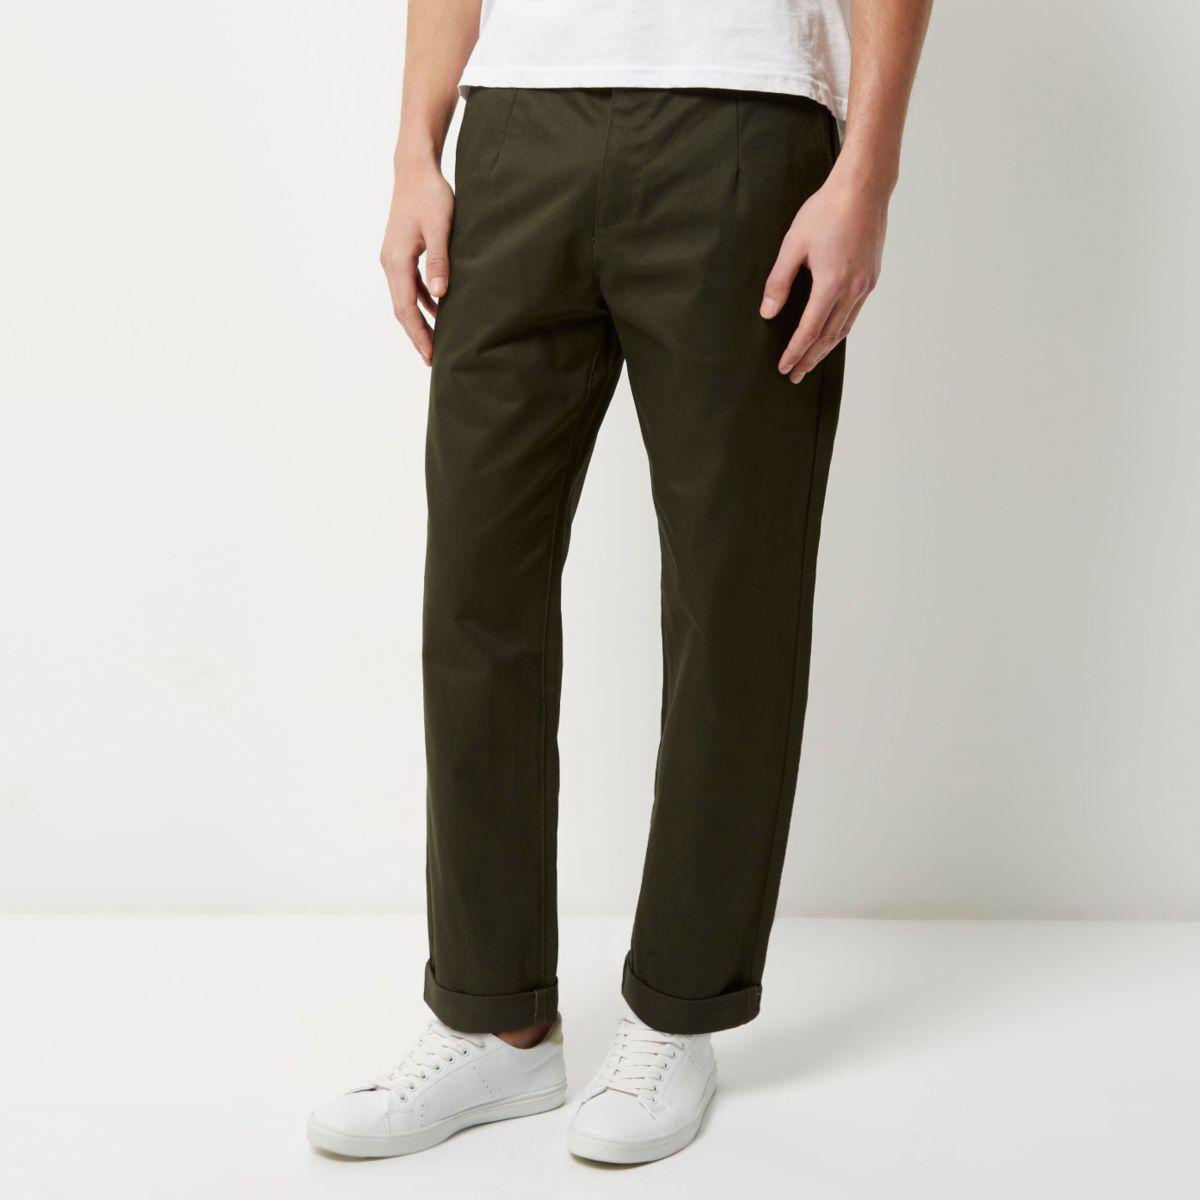 Khaki wide leg pants